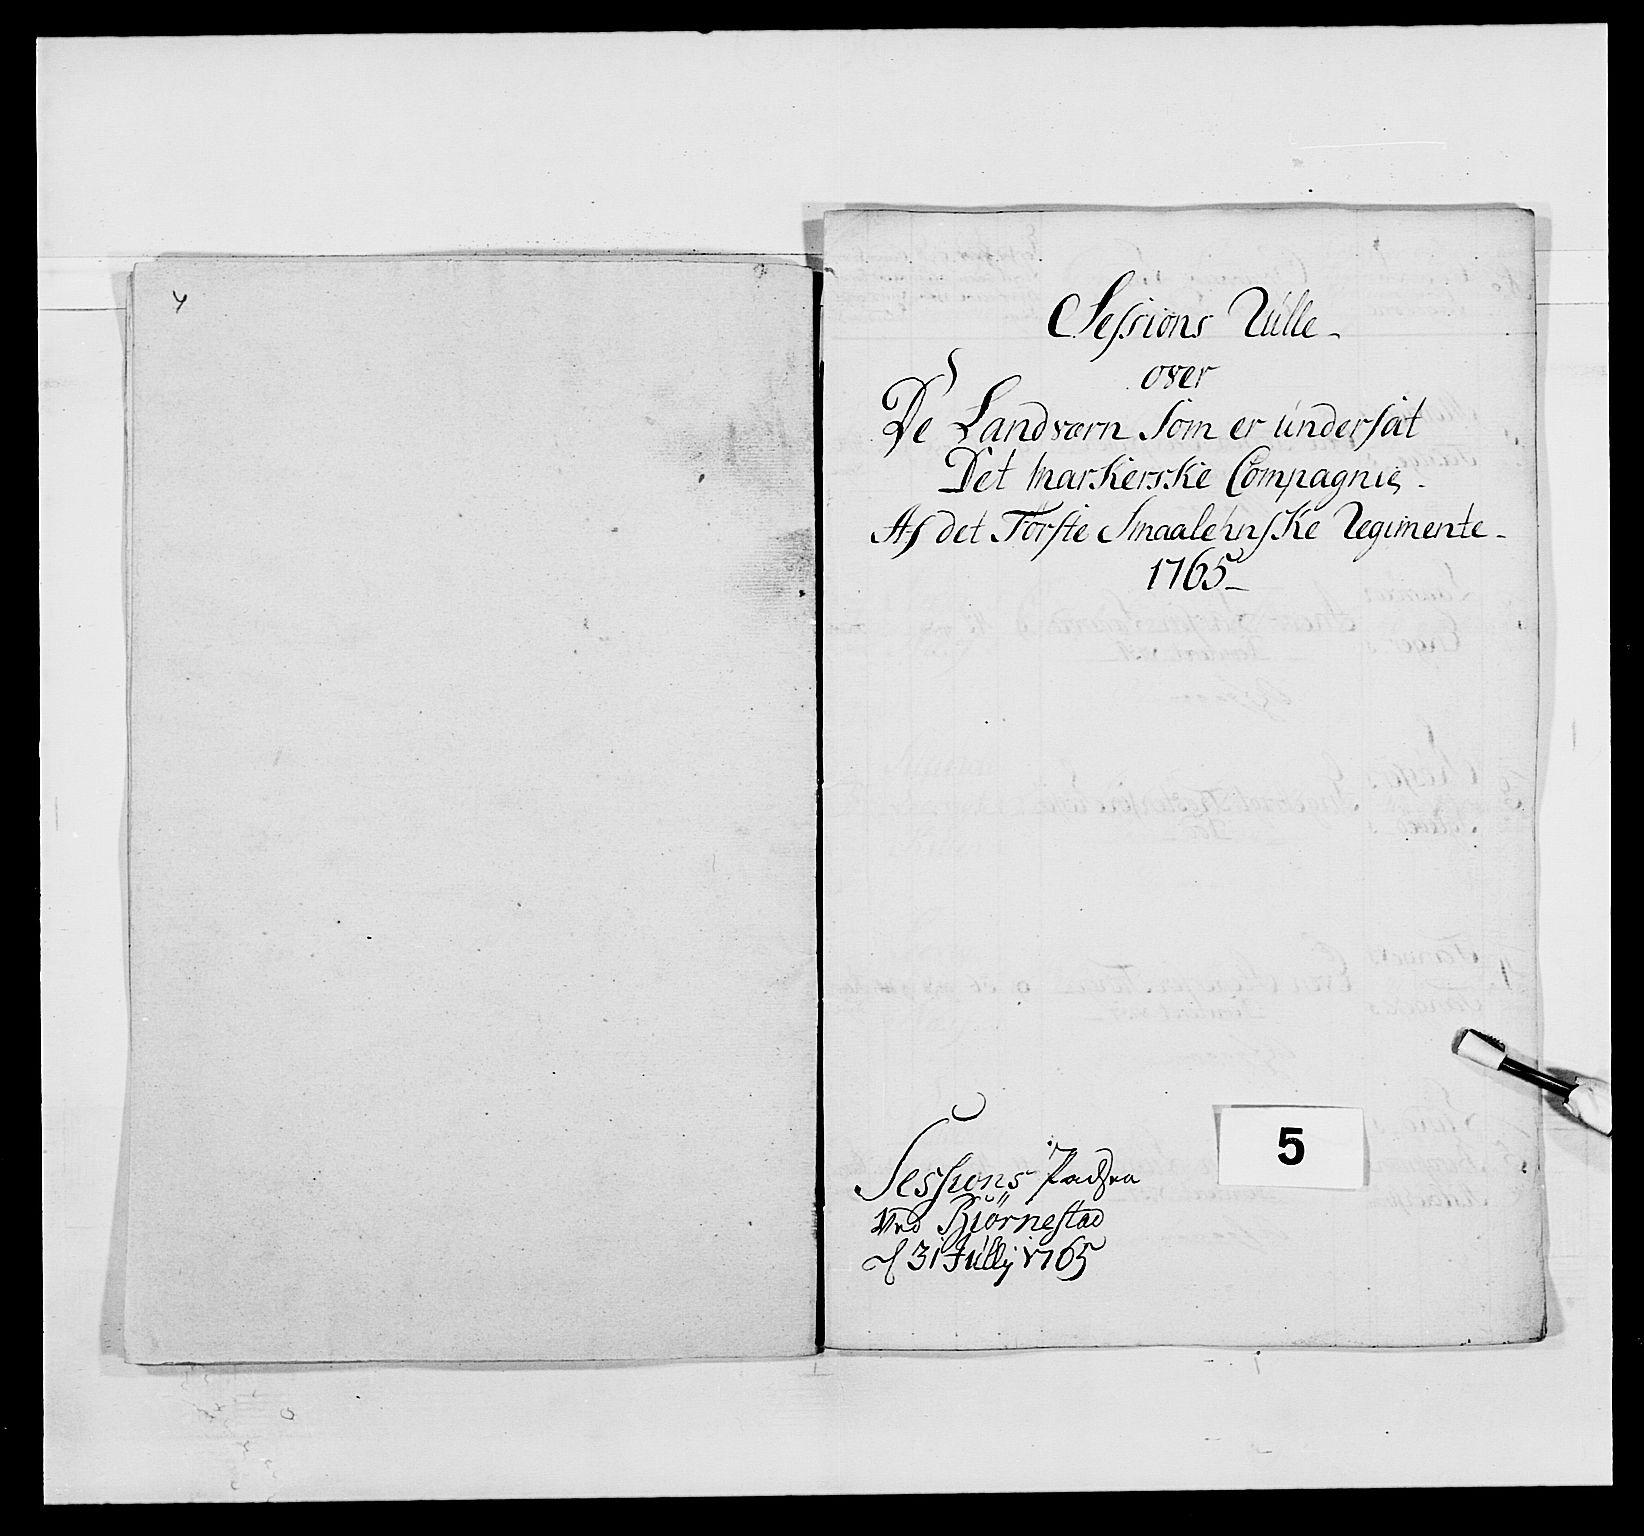 RA, Kommanderende general (KG I) med Det norske krigsdirektorium, E/Ea/L0496: 1. Smålenske regiment, 1765-1767, s. 39